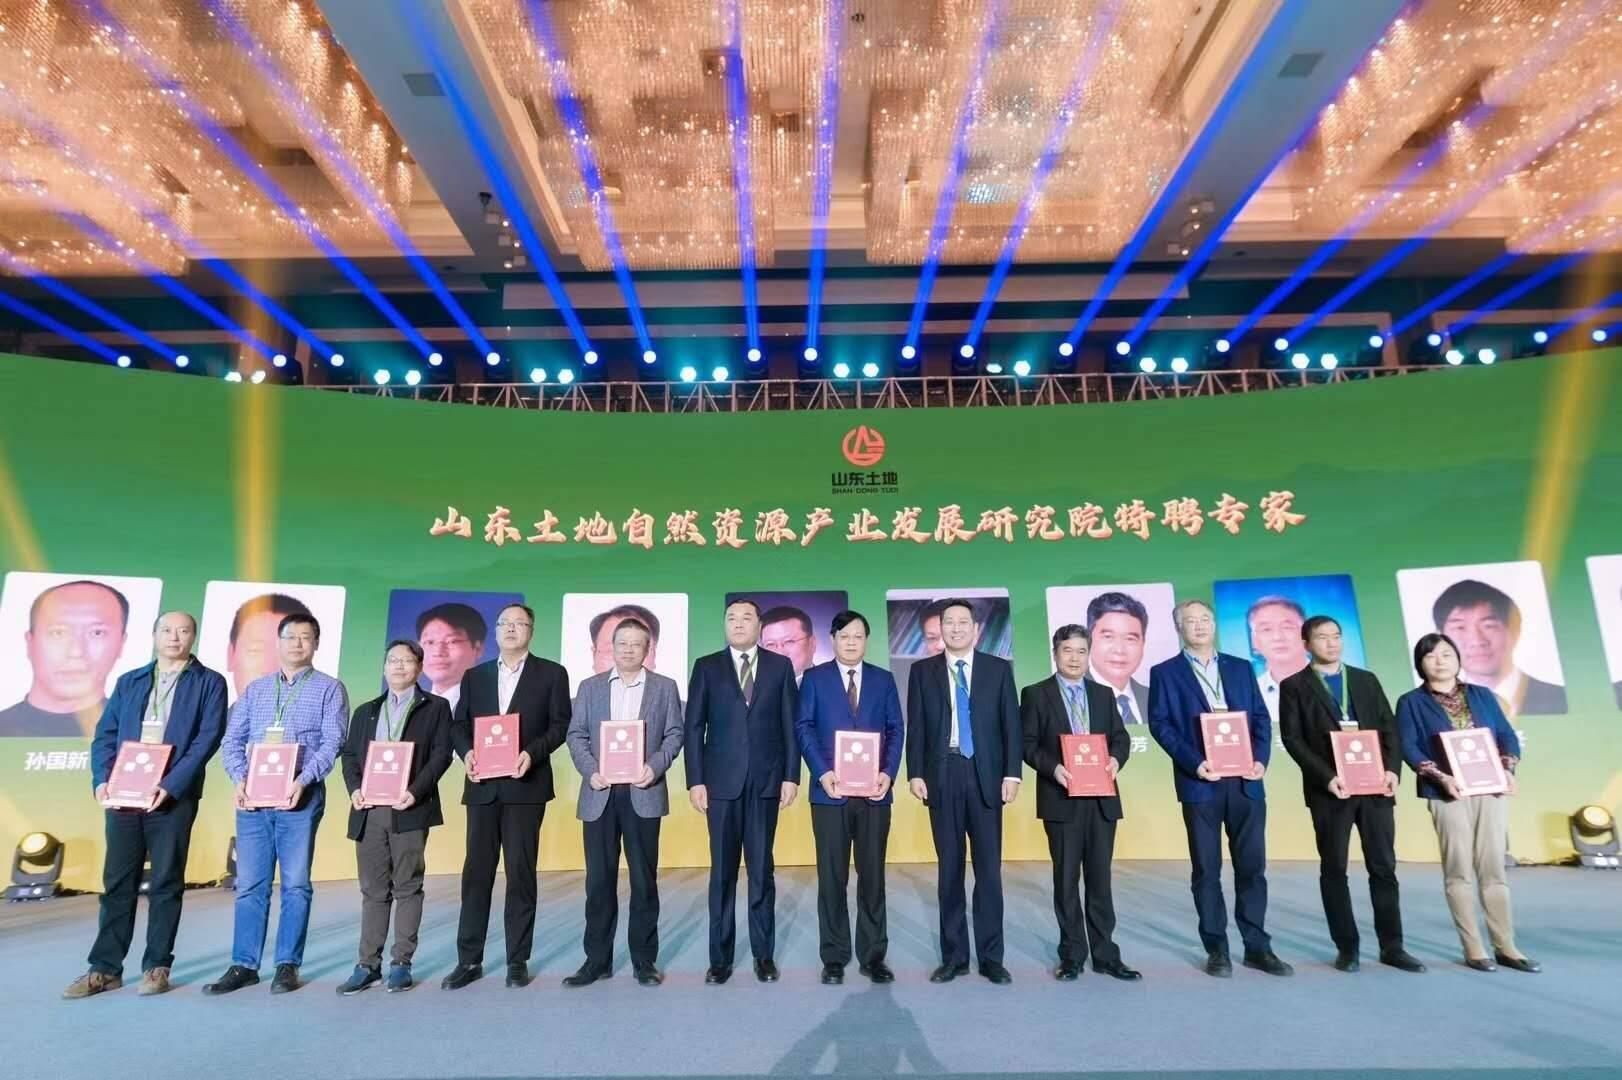 院士加盟!山东再添一产业发展研究院 打造自然资源产业发展新标杆